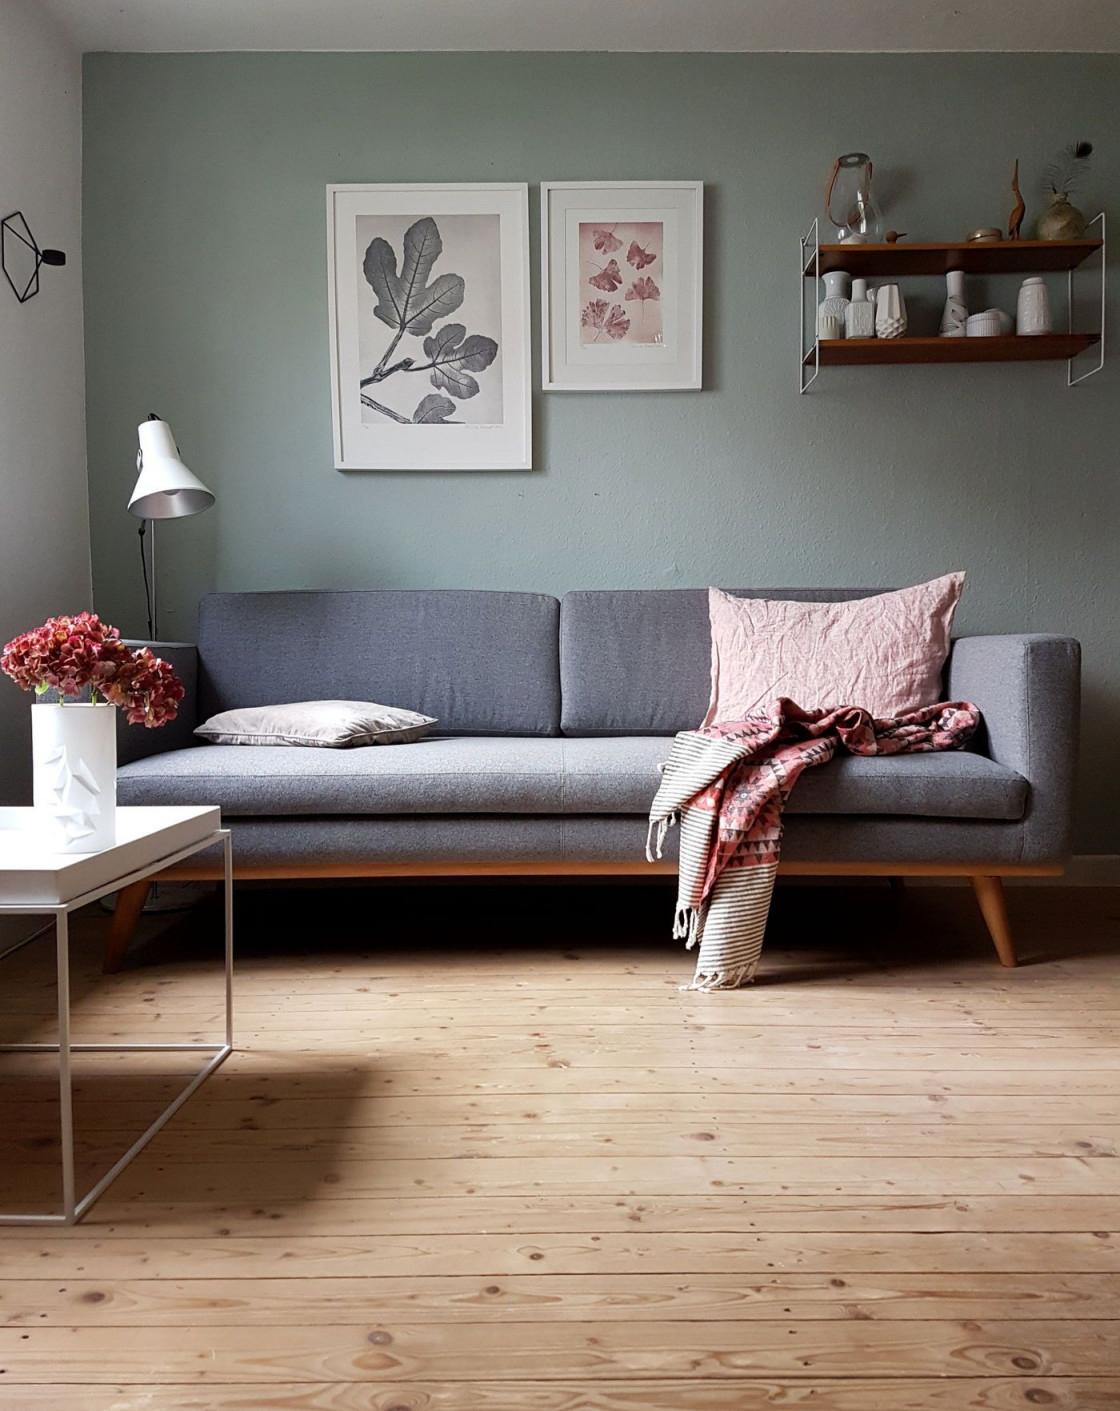 Die Schönsten Ideen Für Die Wandfarbe Im Wohnzimmer von Wandfarben Ideen Wohnzimmer Bild